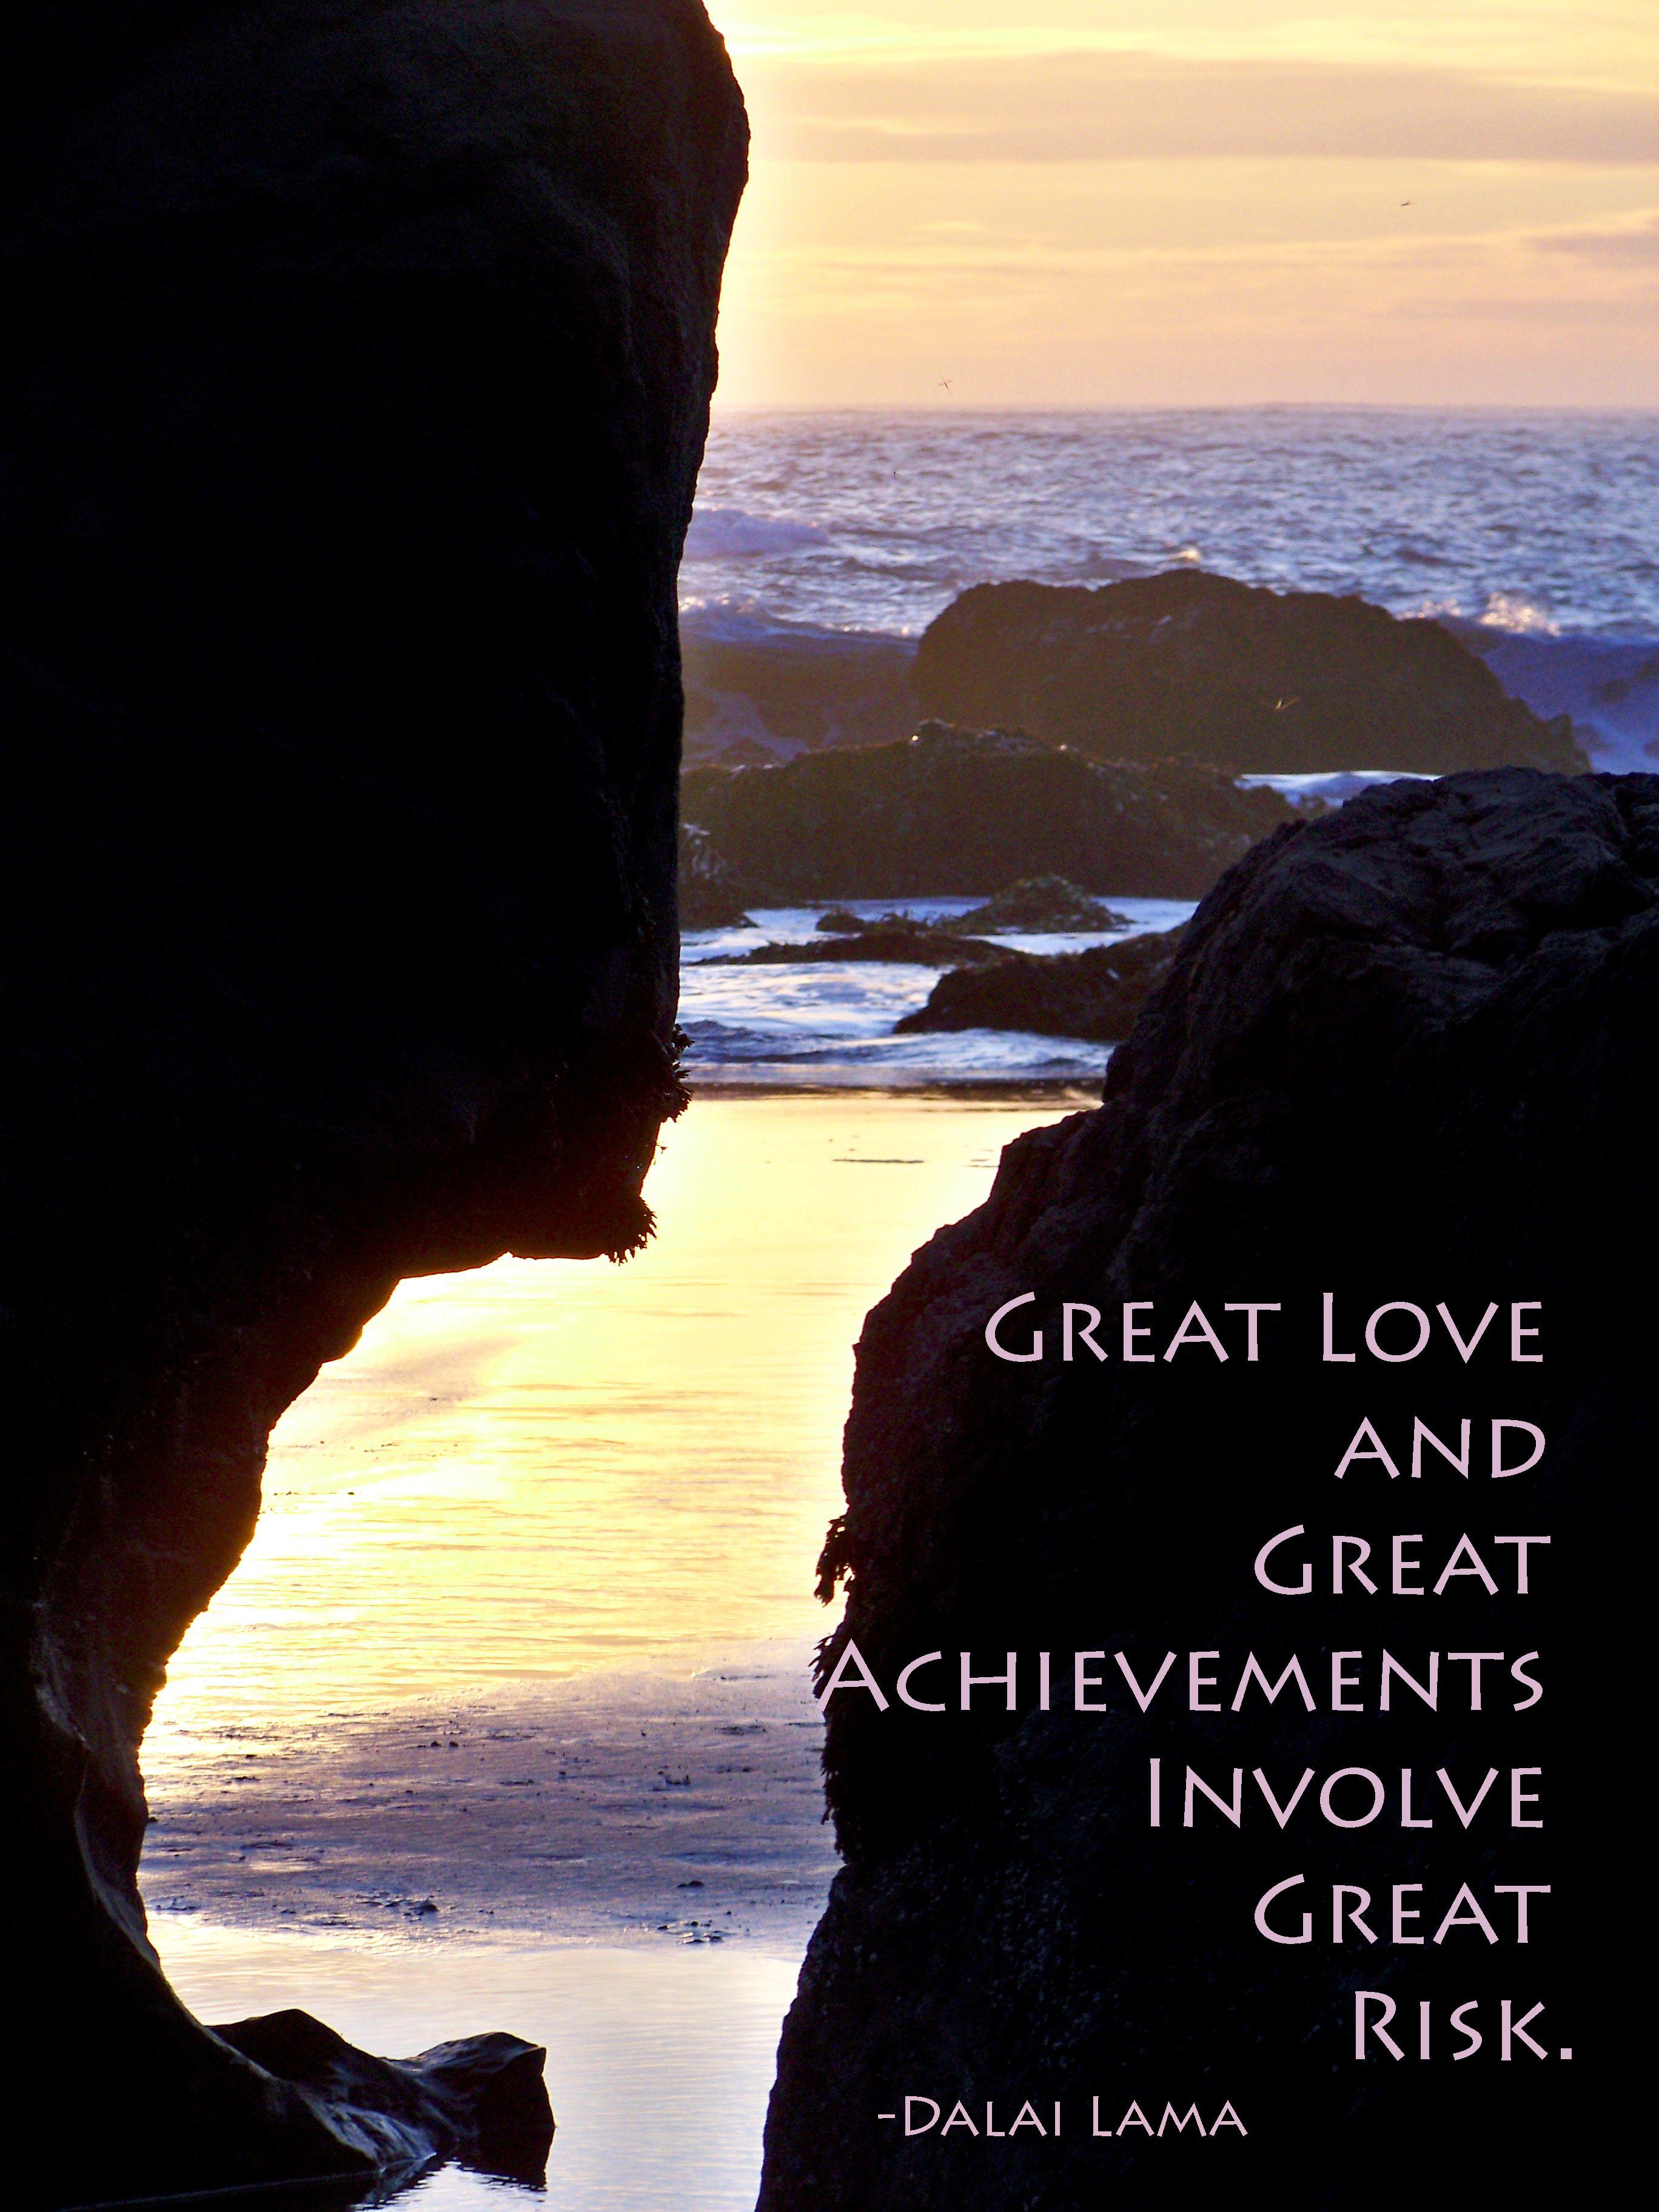 dalai lama quote greatness #inspiration #dalailama #quotes